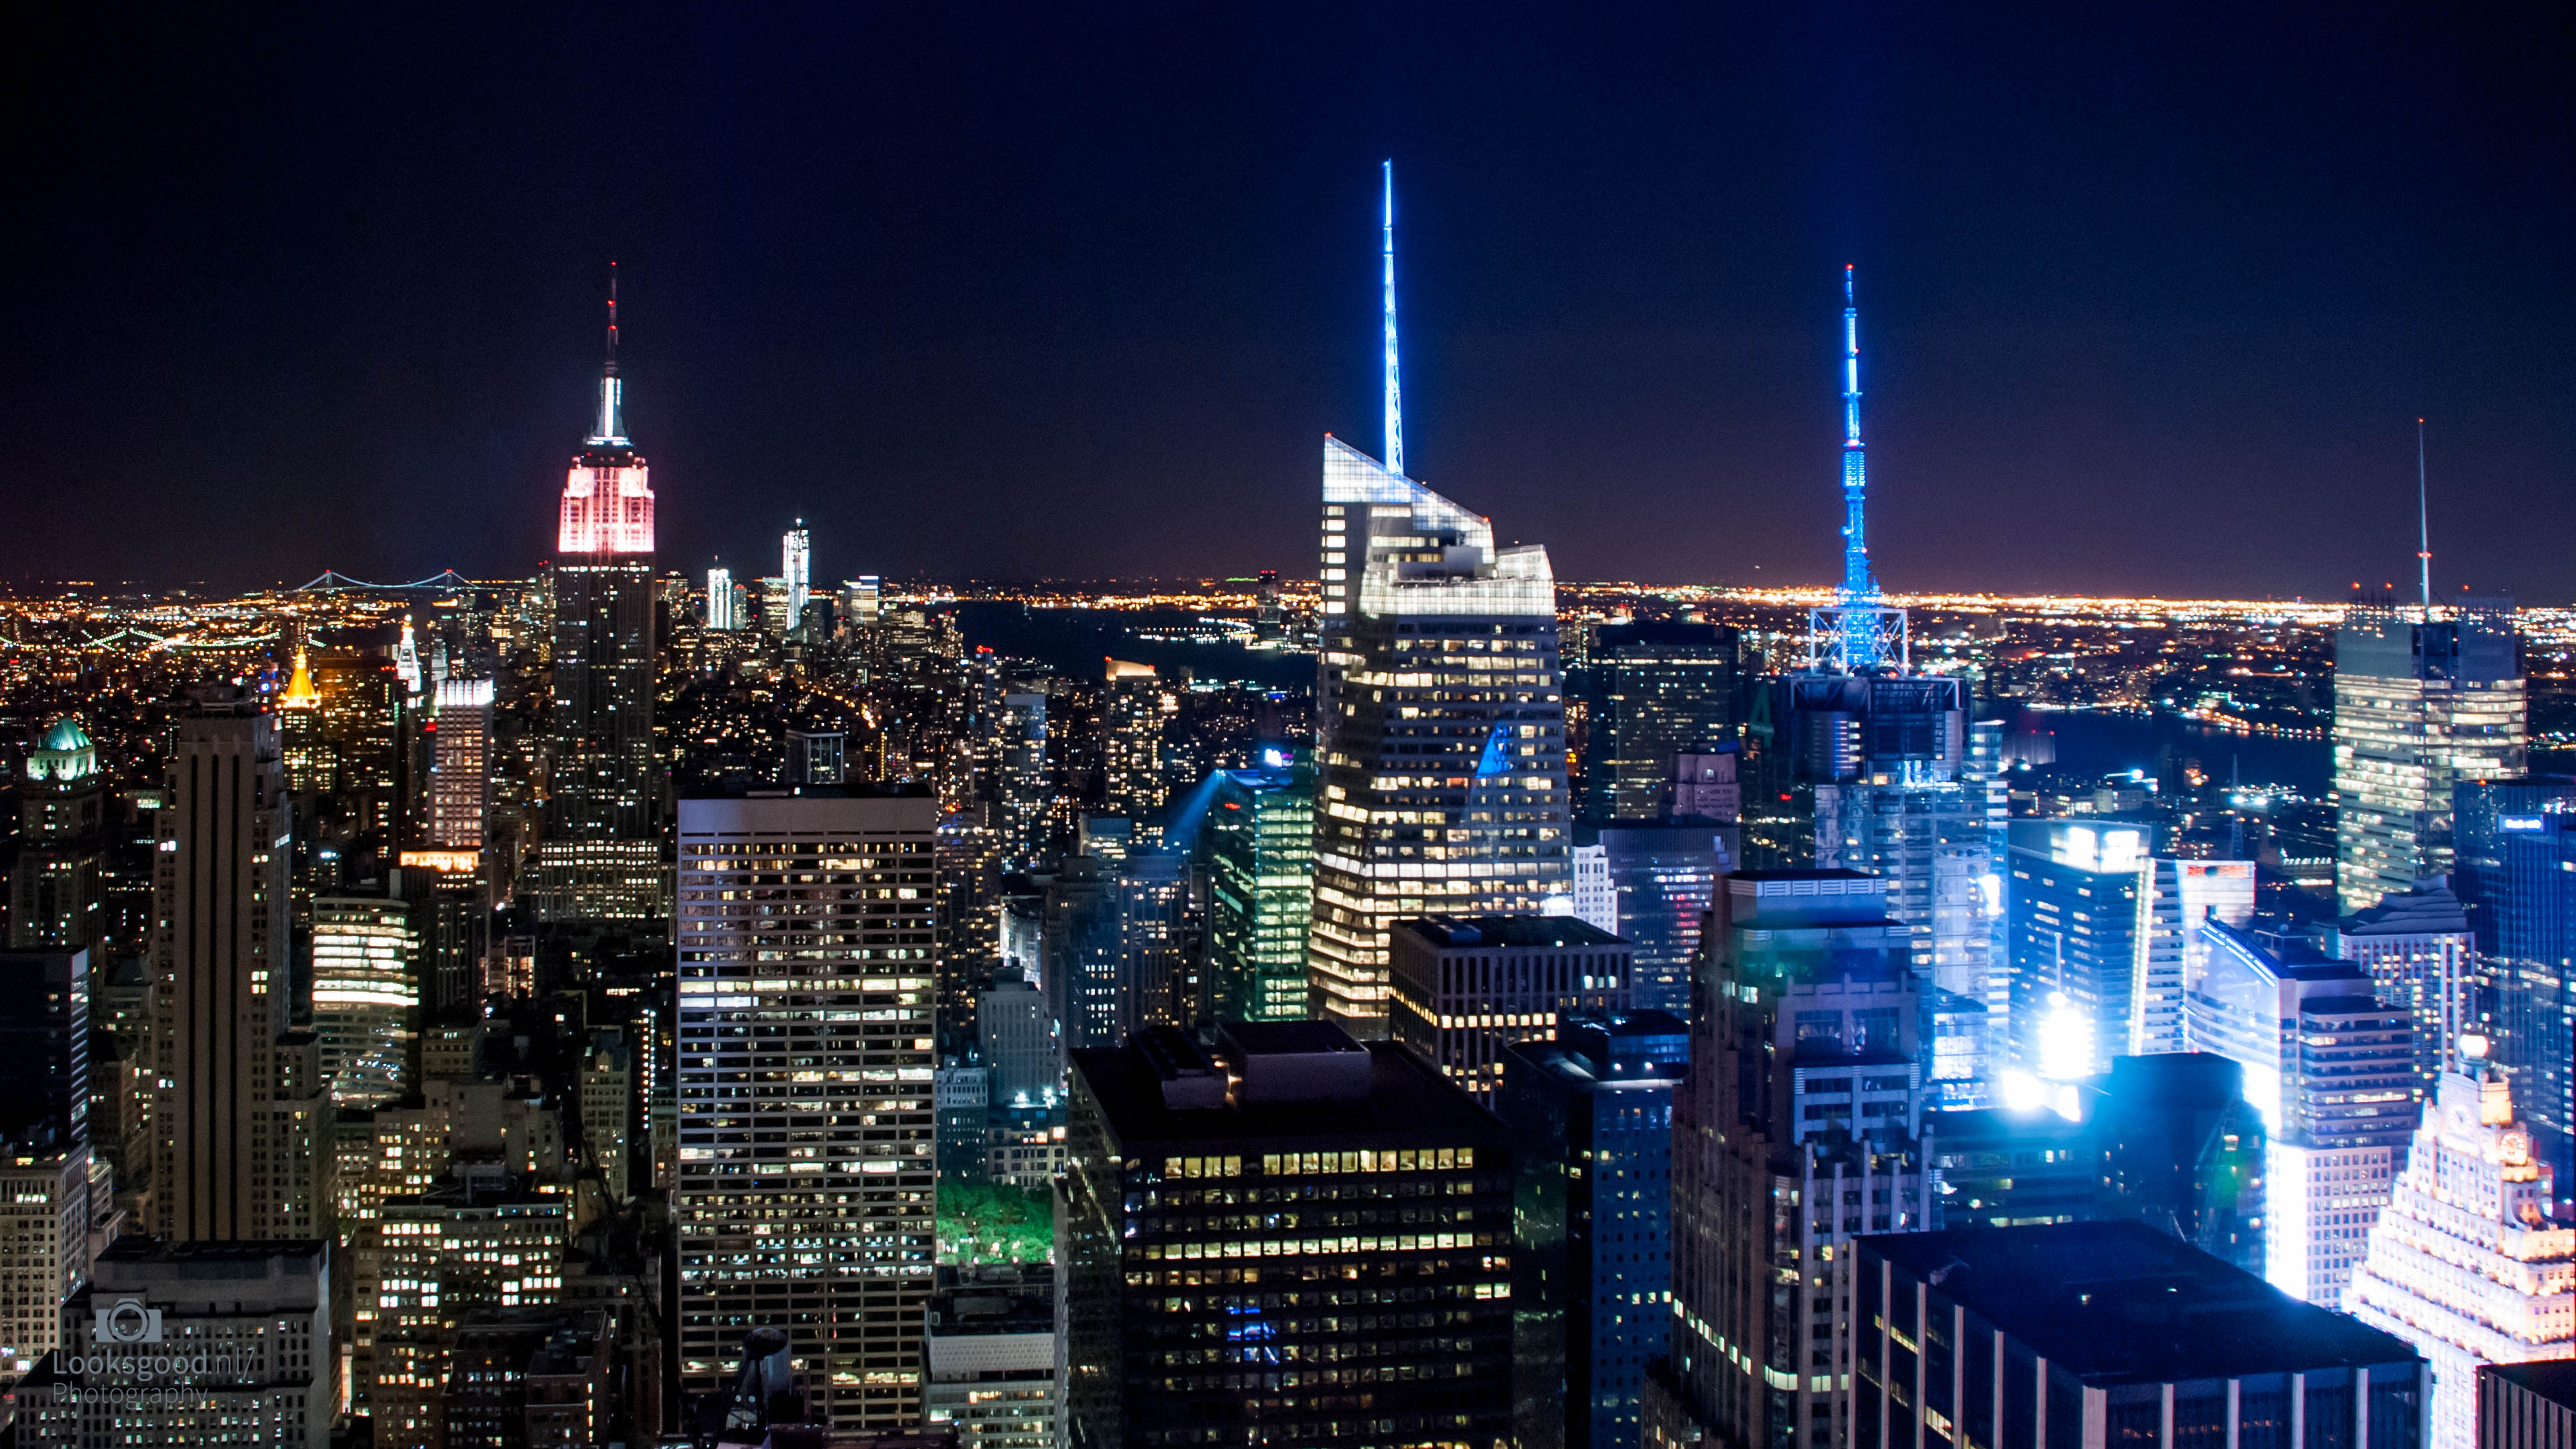 New York City Wallpaper 4K - WallpaperSafari